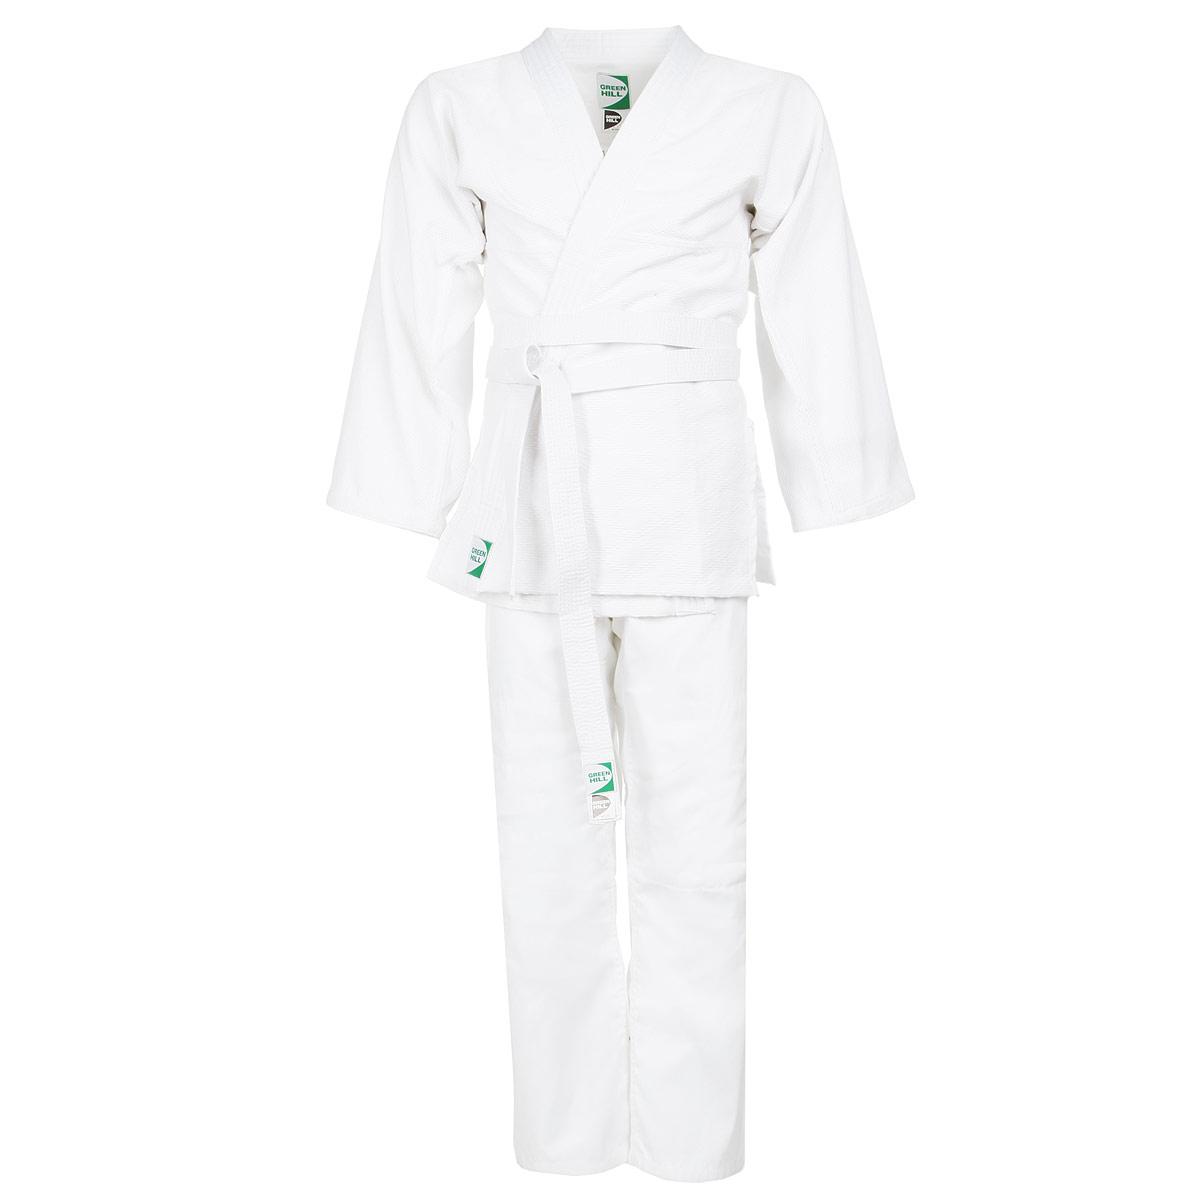 Кимоно для дзюдоJSA-10429Кимоно для дзюдо Green Hill Adult состоит из рубашки и брюк. Просторная рубашка с запахом, боковыми разрезами и длинными рукавами-кимоно изготовлена из плотного хлопка с фактурным плетением. Боковые швы, края рукавов и полочек, низ рубашки укреплены дополнительными строчками и крепкой лентой с внутренней стороны. Просторные брюки особого покроя на поясе с затягивающимся шнурком для фиксации на талии имеют шлевки для дополнительного пояса и укреплены на коленях. Кимоно отлично подходит тренировок в зале и на соревнованиях.